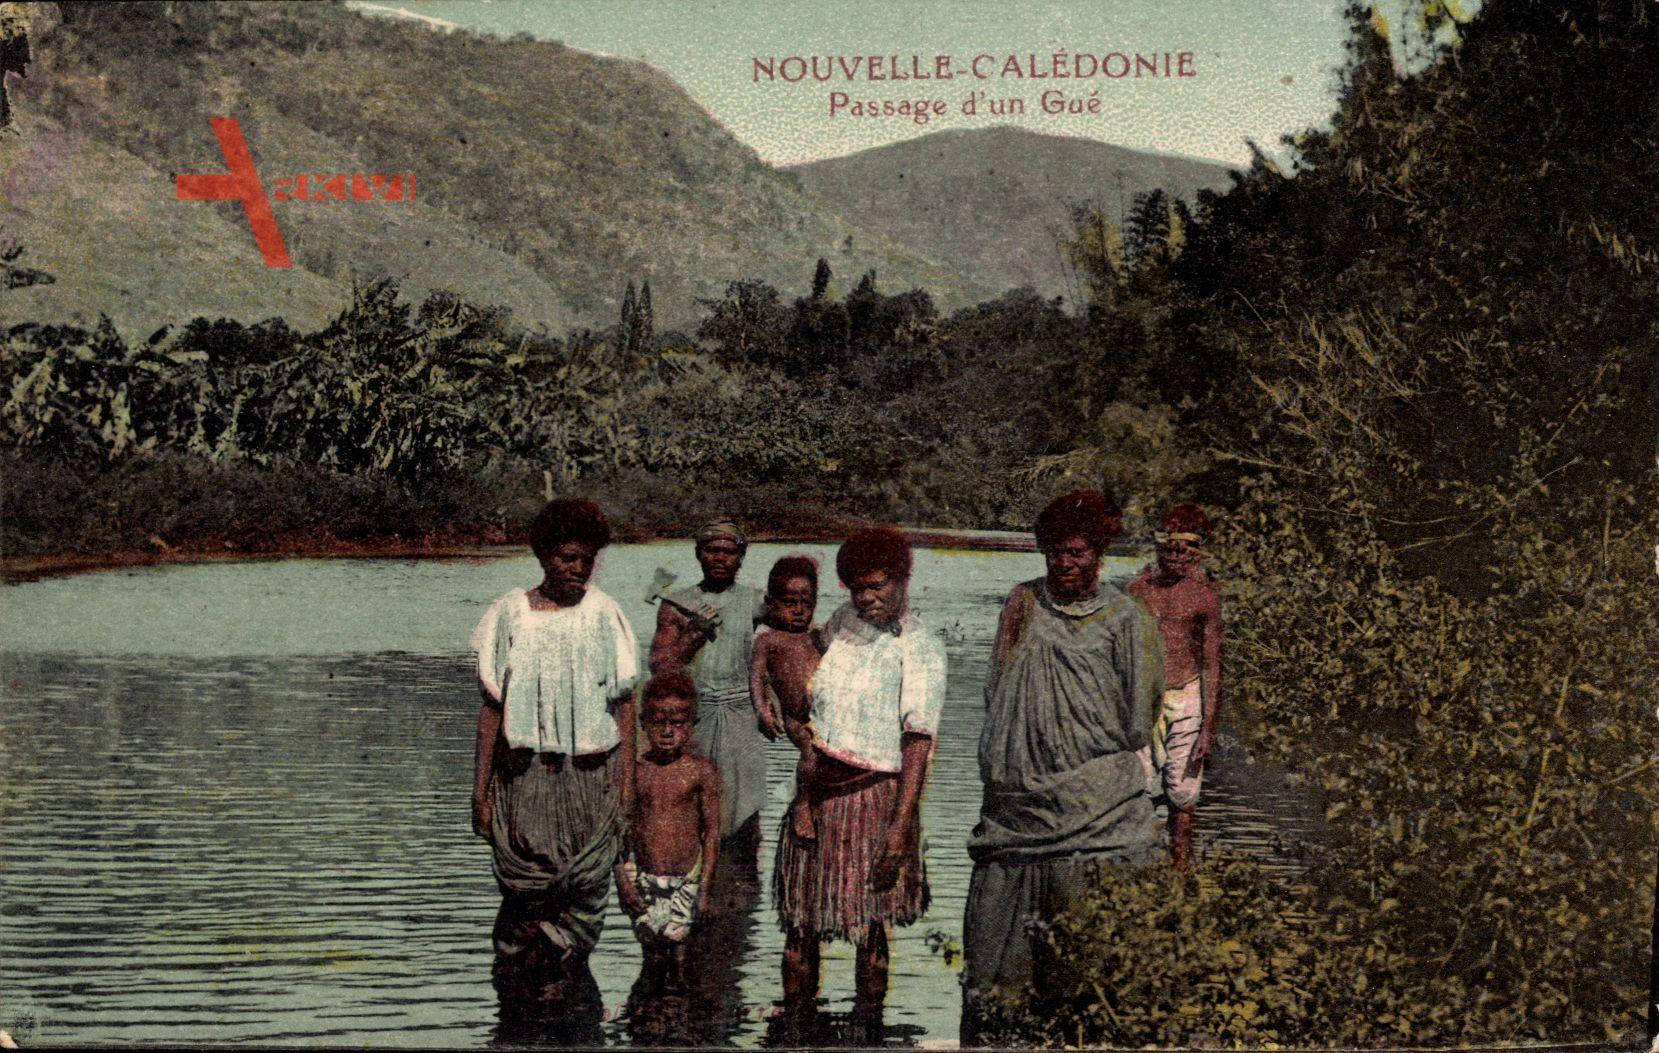 Neukaledonien, Passage d'un Gué, Eingeborene, Wasser